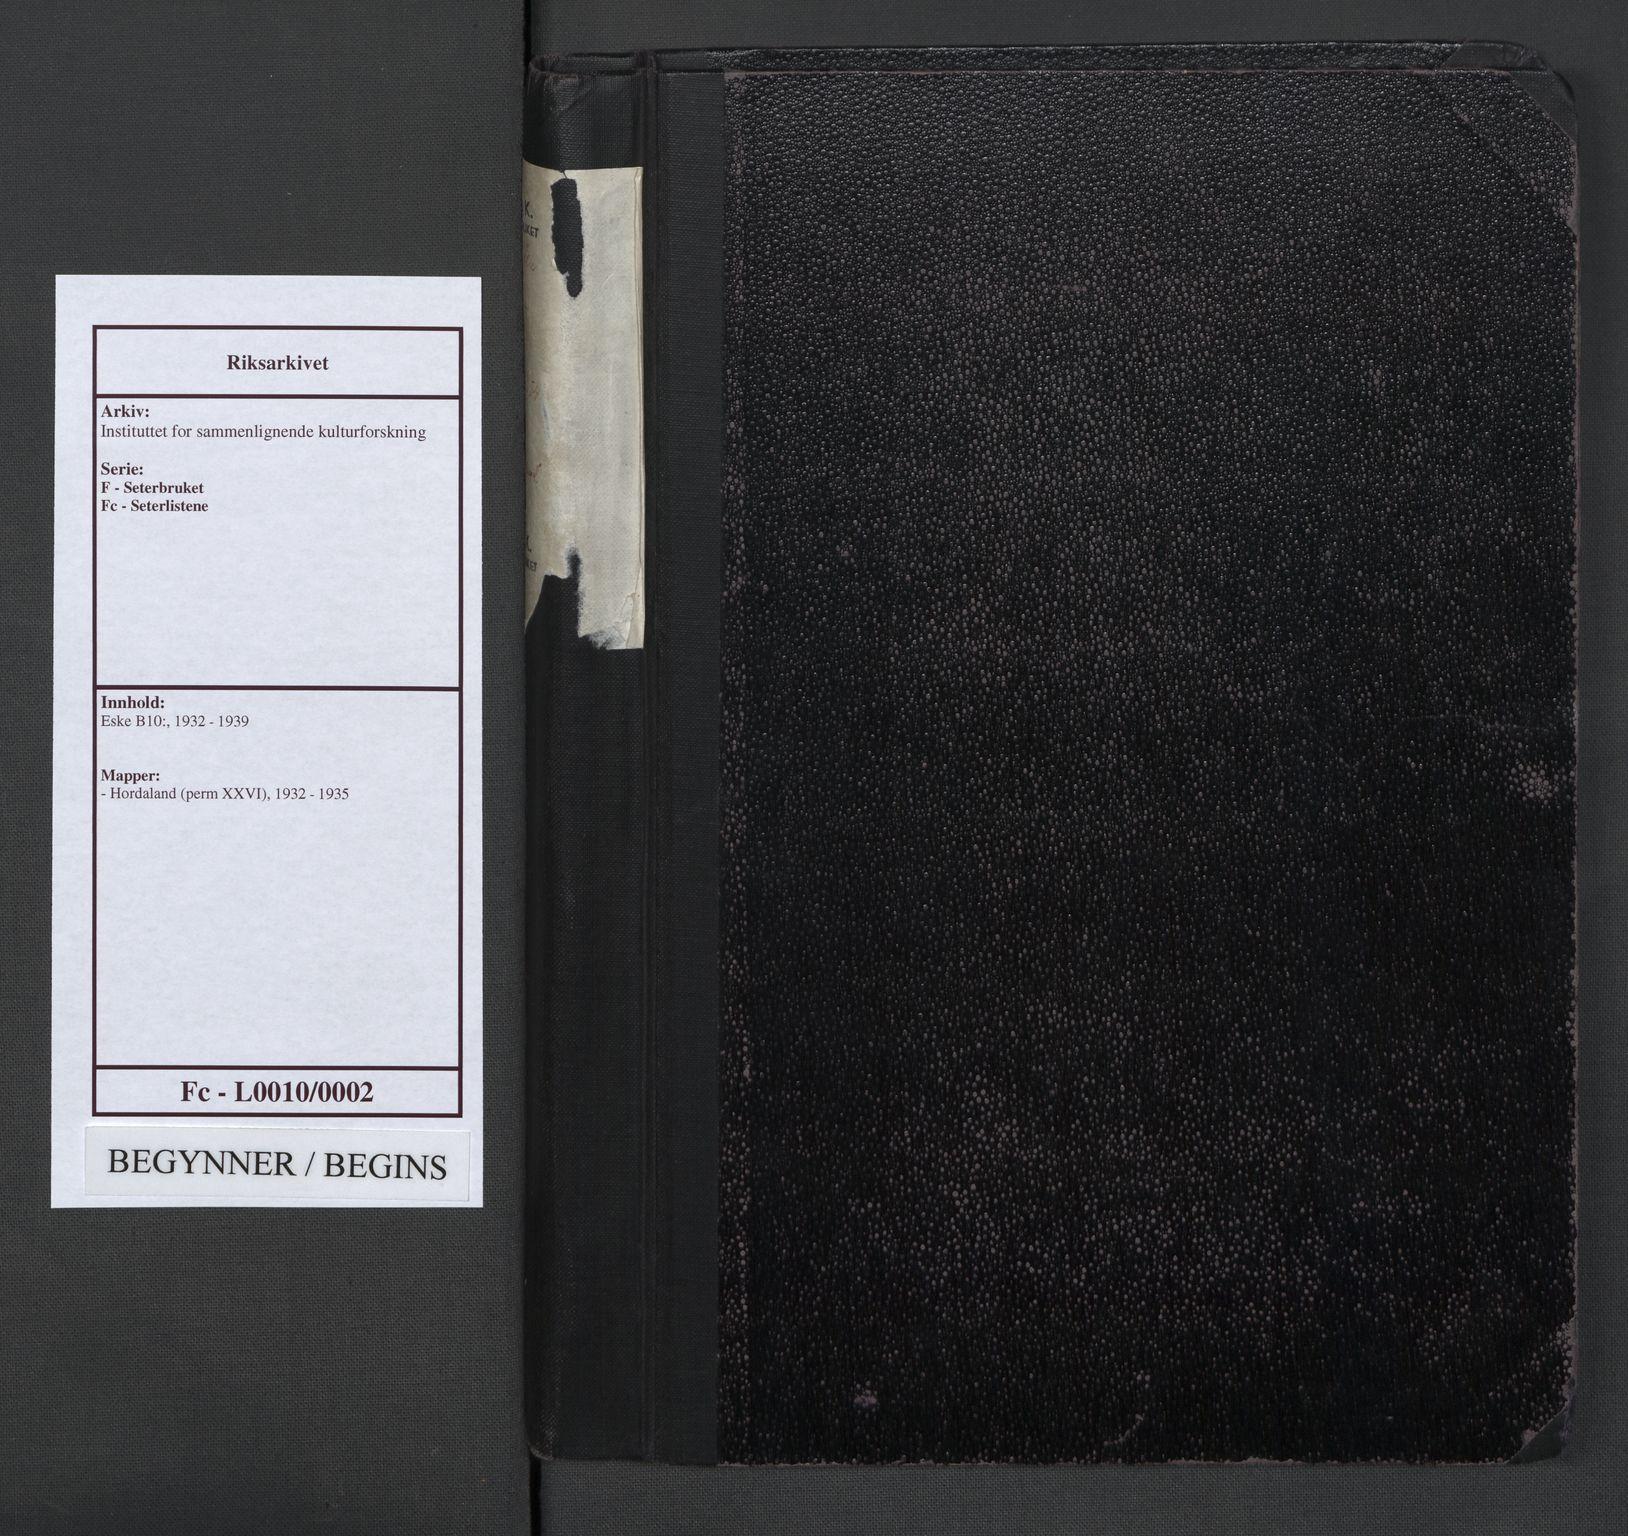 RA, Instituttet for sammenlignende kulturforskning, F/Fc/L0010: Eske B10:, 1932-1935, s. upaginert